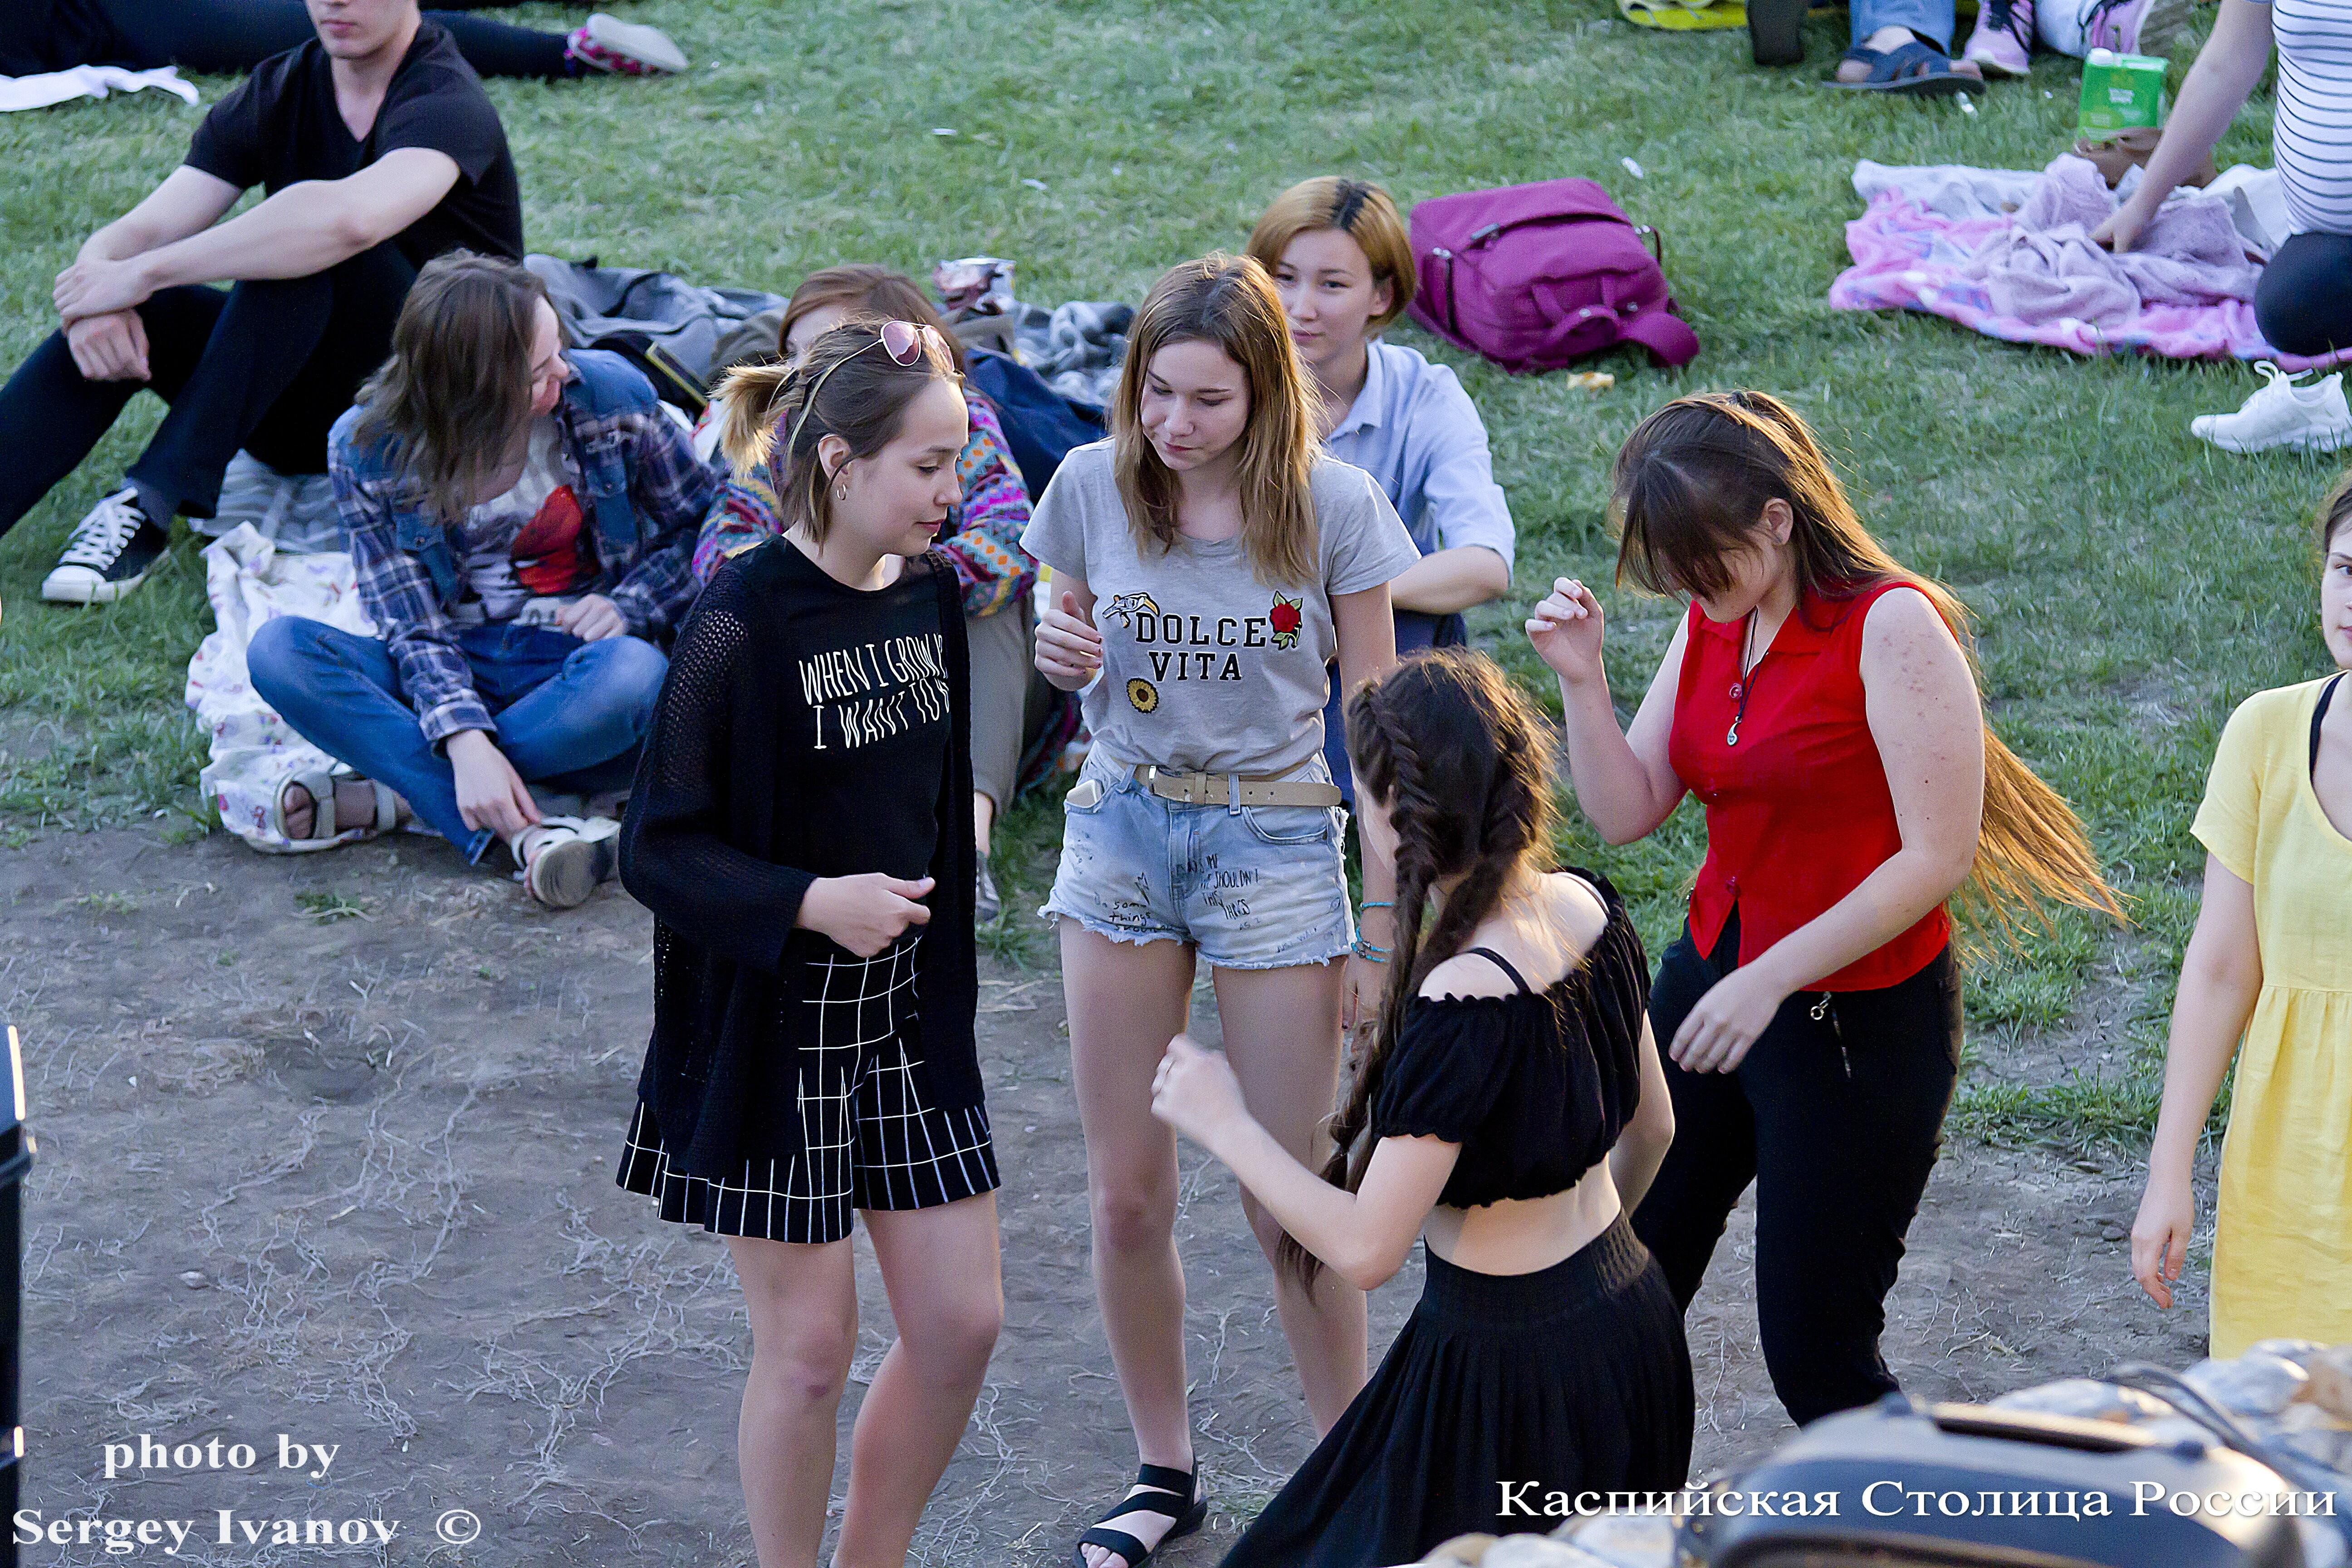 Третий день фестиваля «Музыка на траве» остался позади